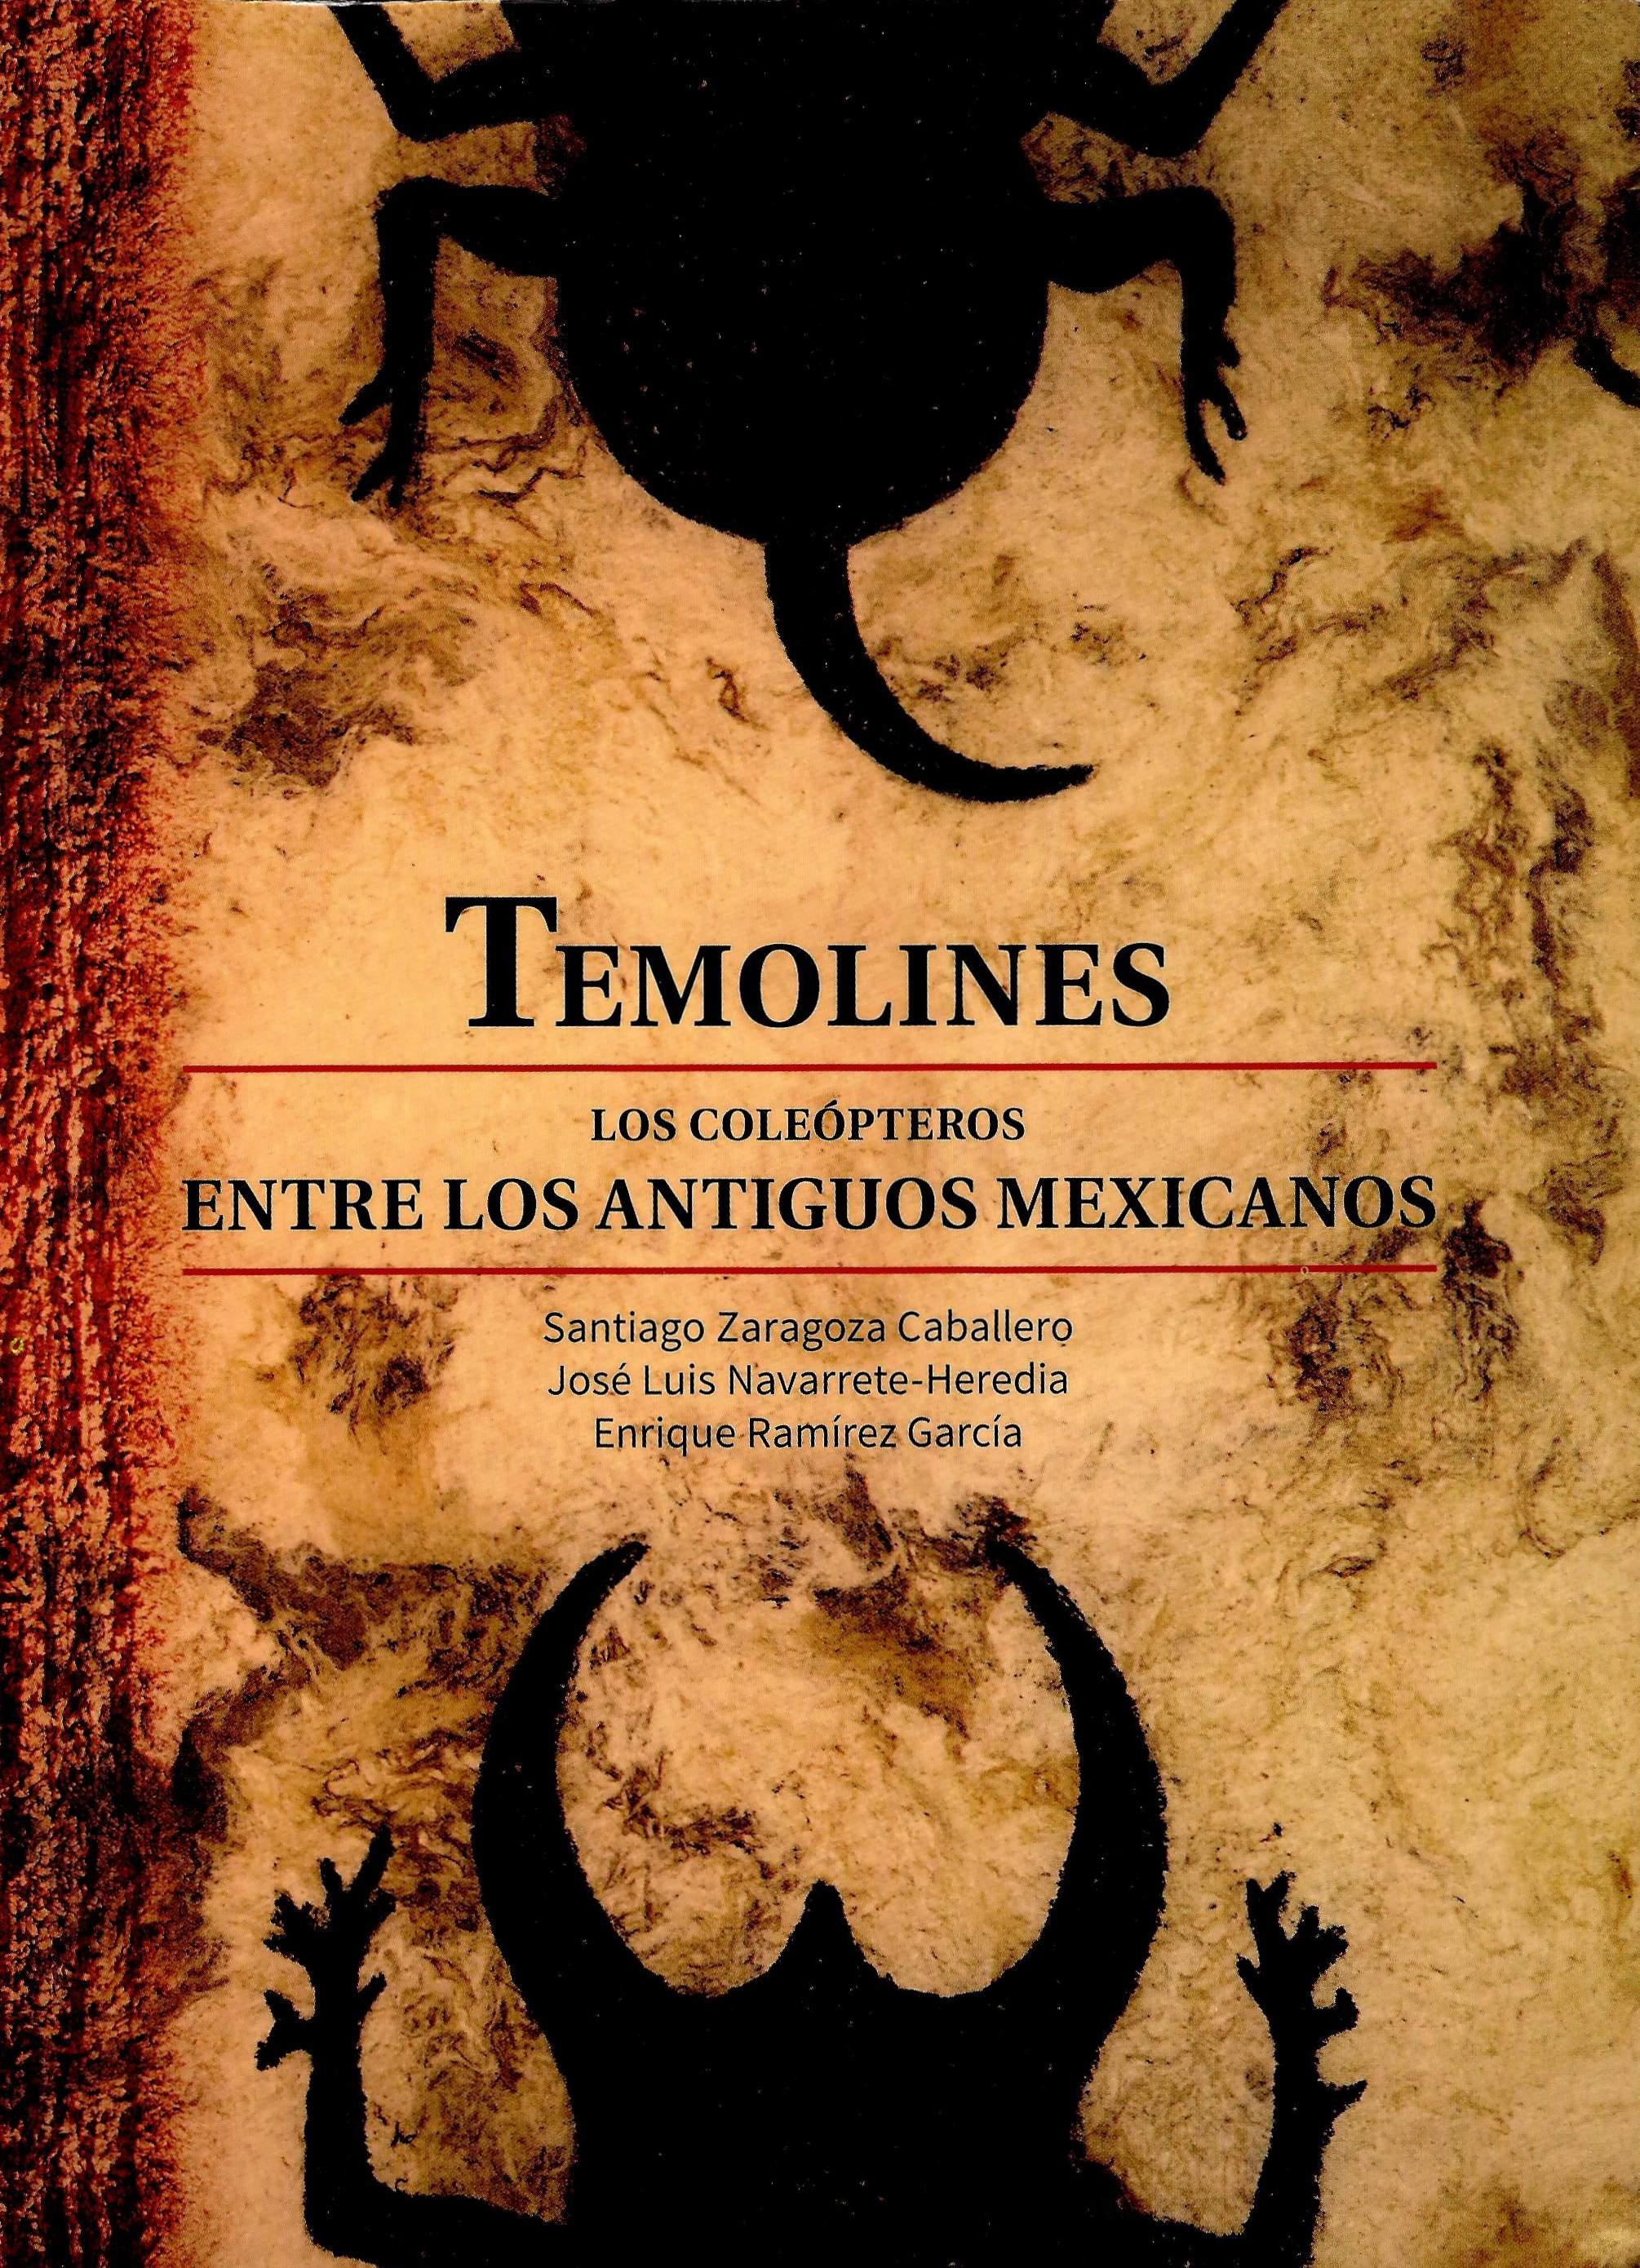 Temolines. Los coleópteros entre los antiguos mexicanos